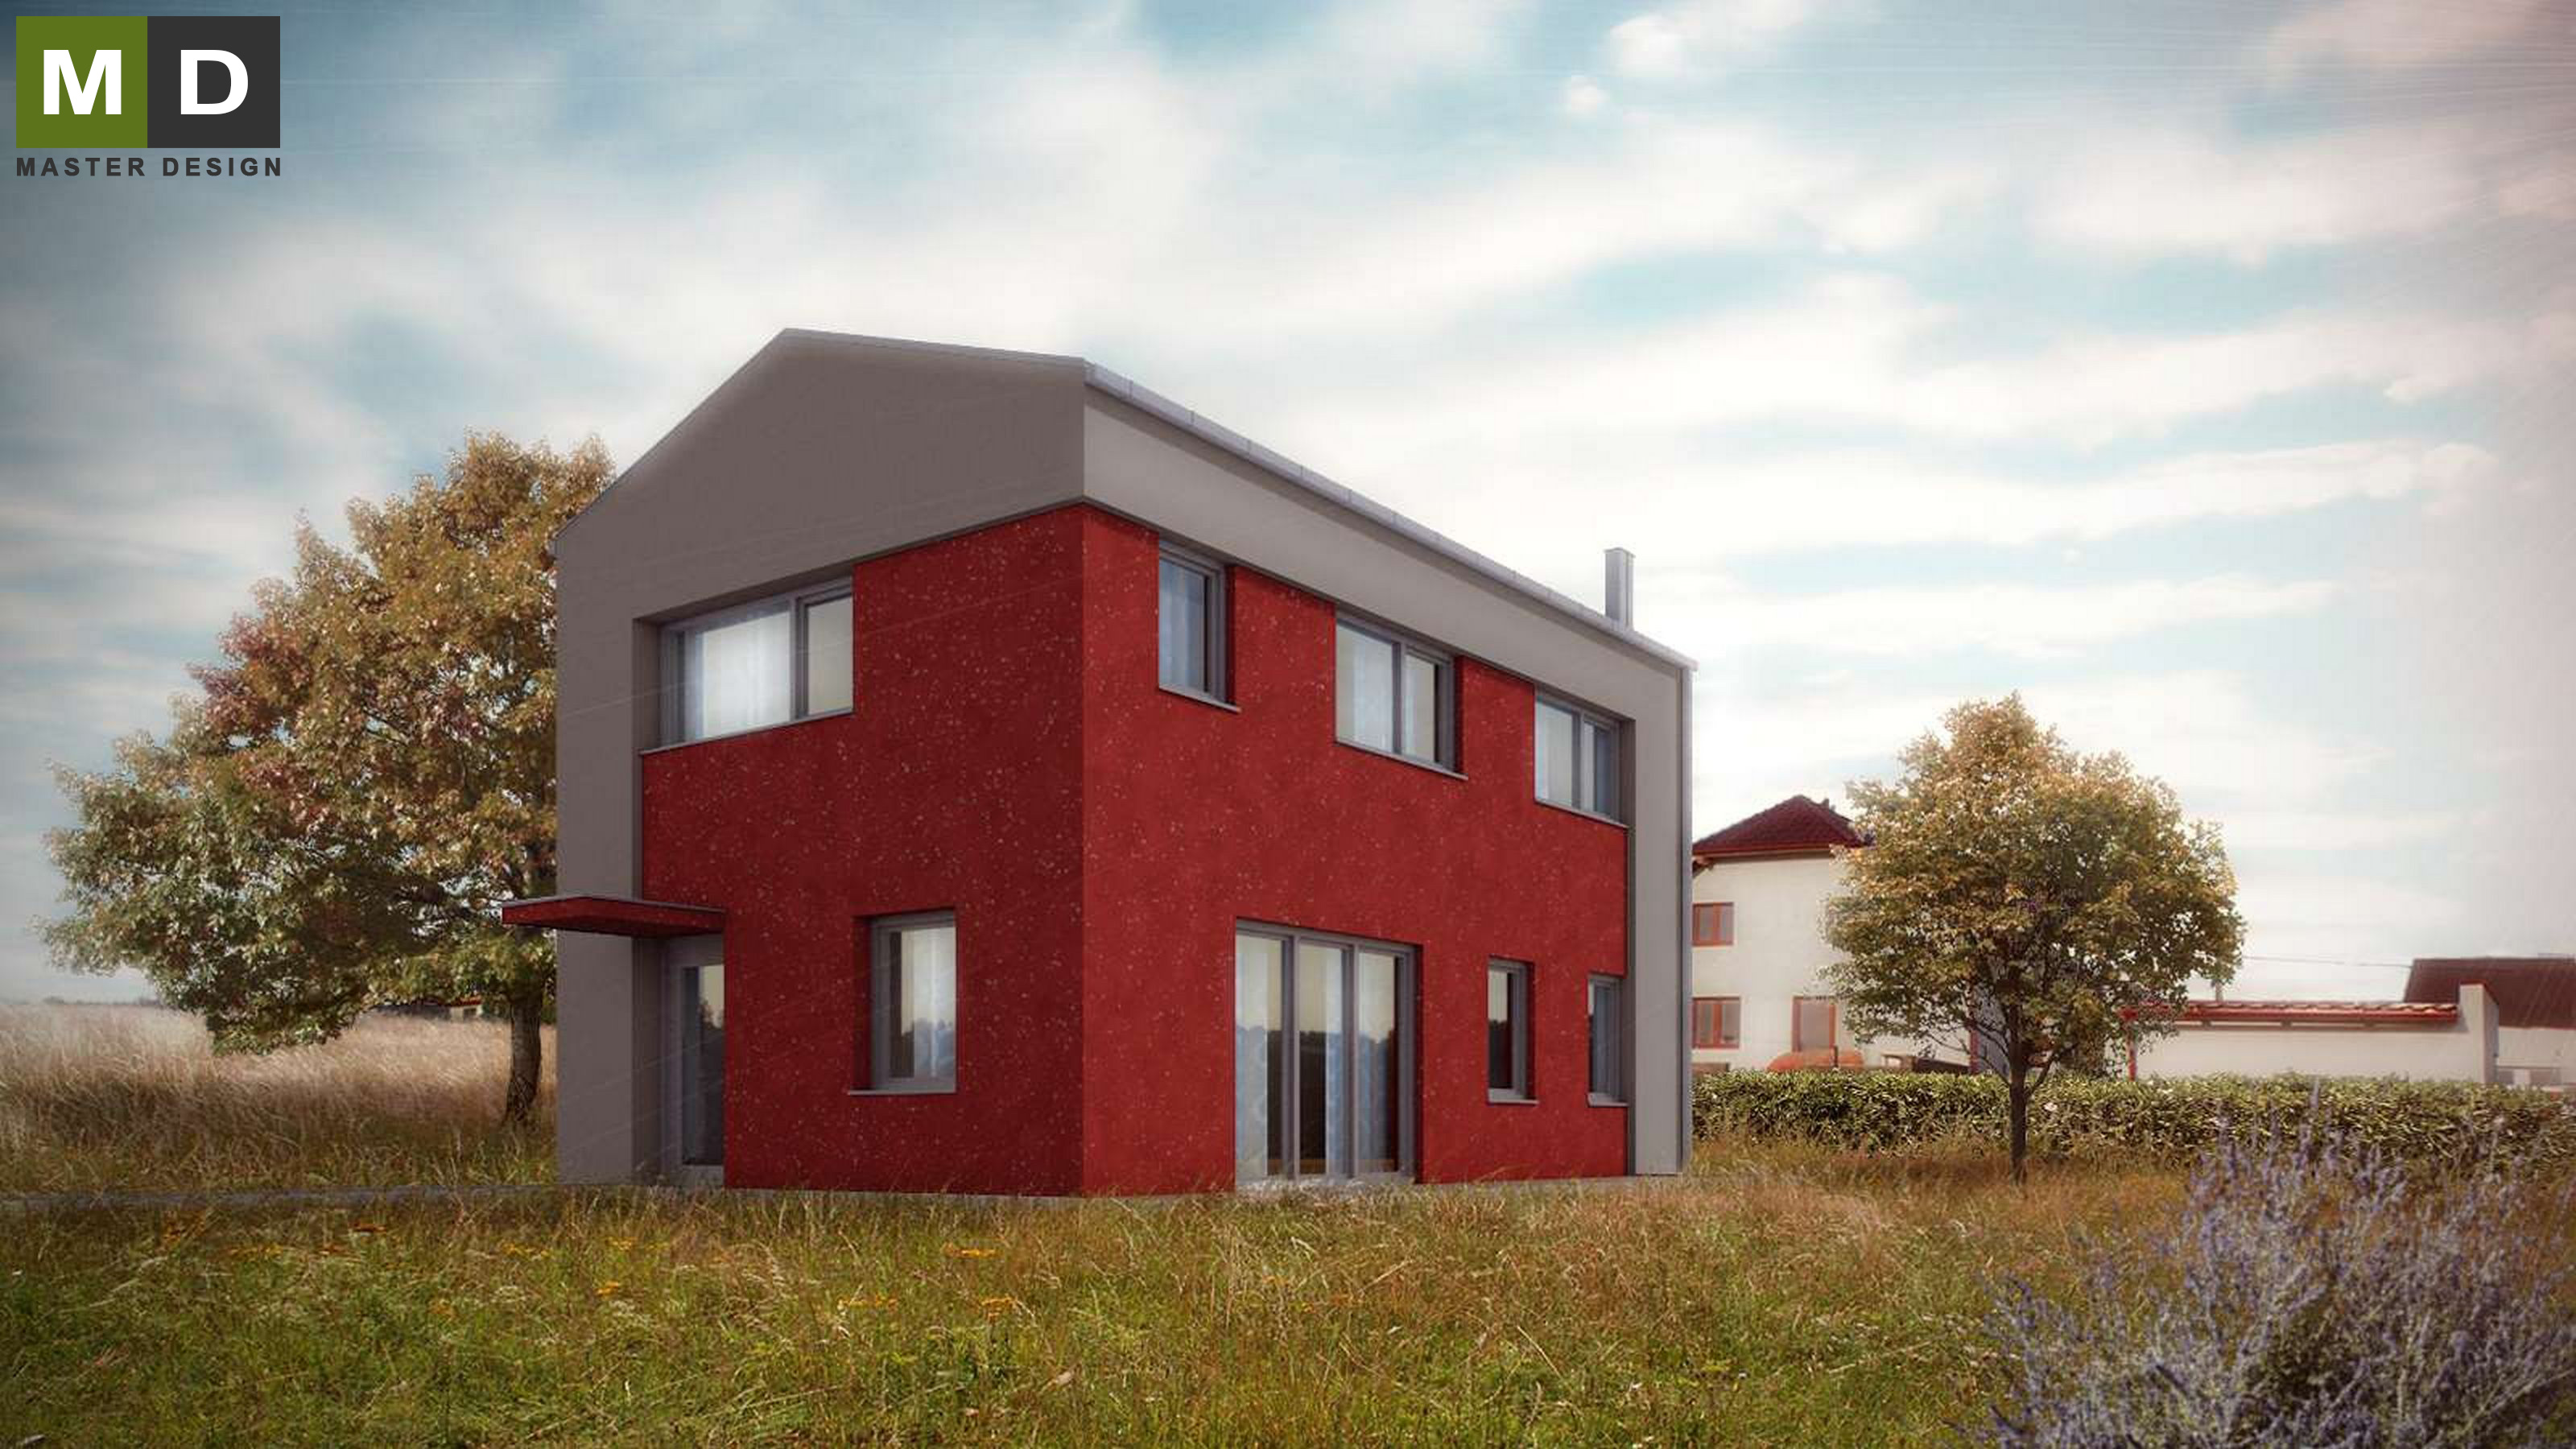 Cena stavby za m2